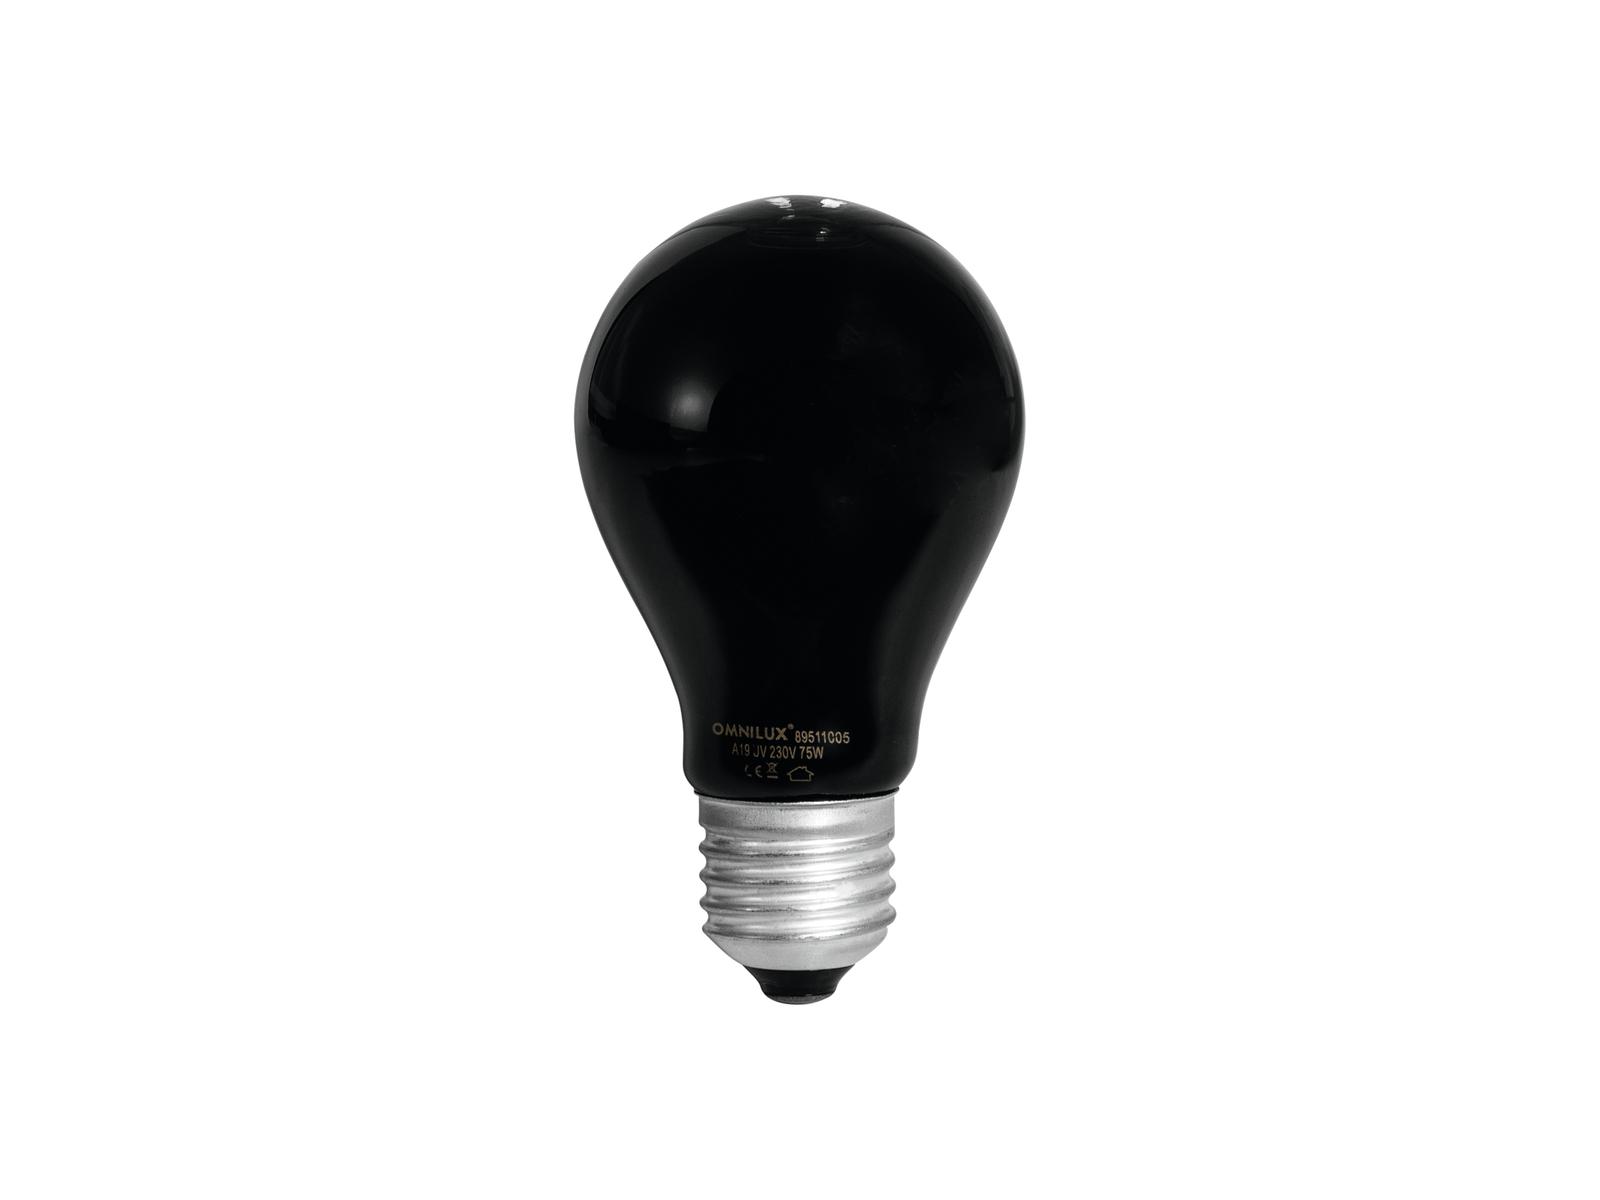 OMNILUX UV A19 lampada da 75W E-27